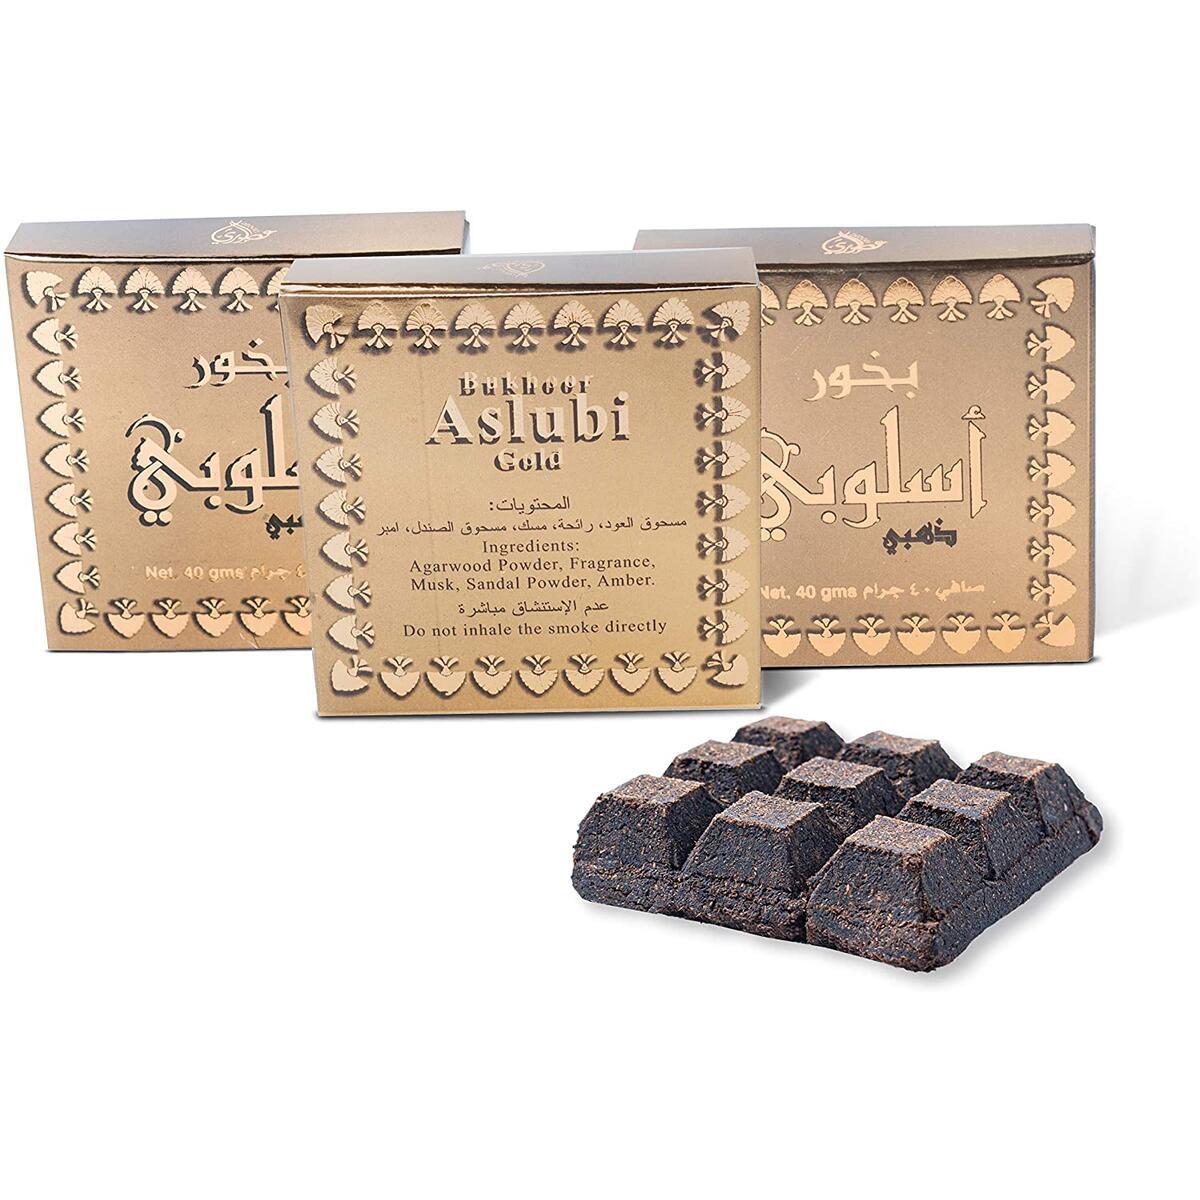 Otoori Aslubi Bakhoor Incense Gold - Arabian Bukhoor Use on Charcoal Incense Burner or Electric Insence Burner (3 Pack)